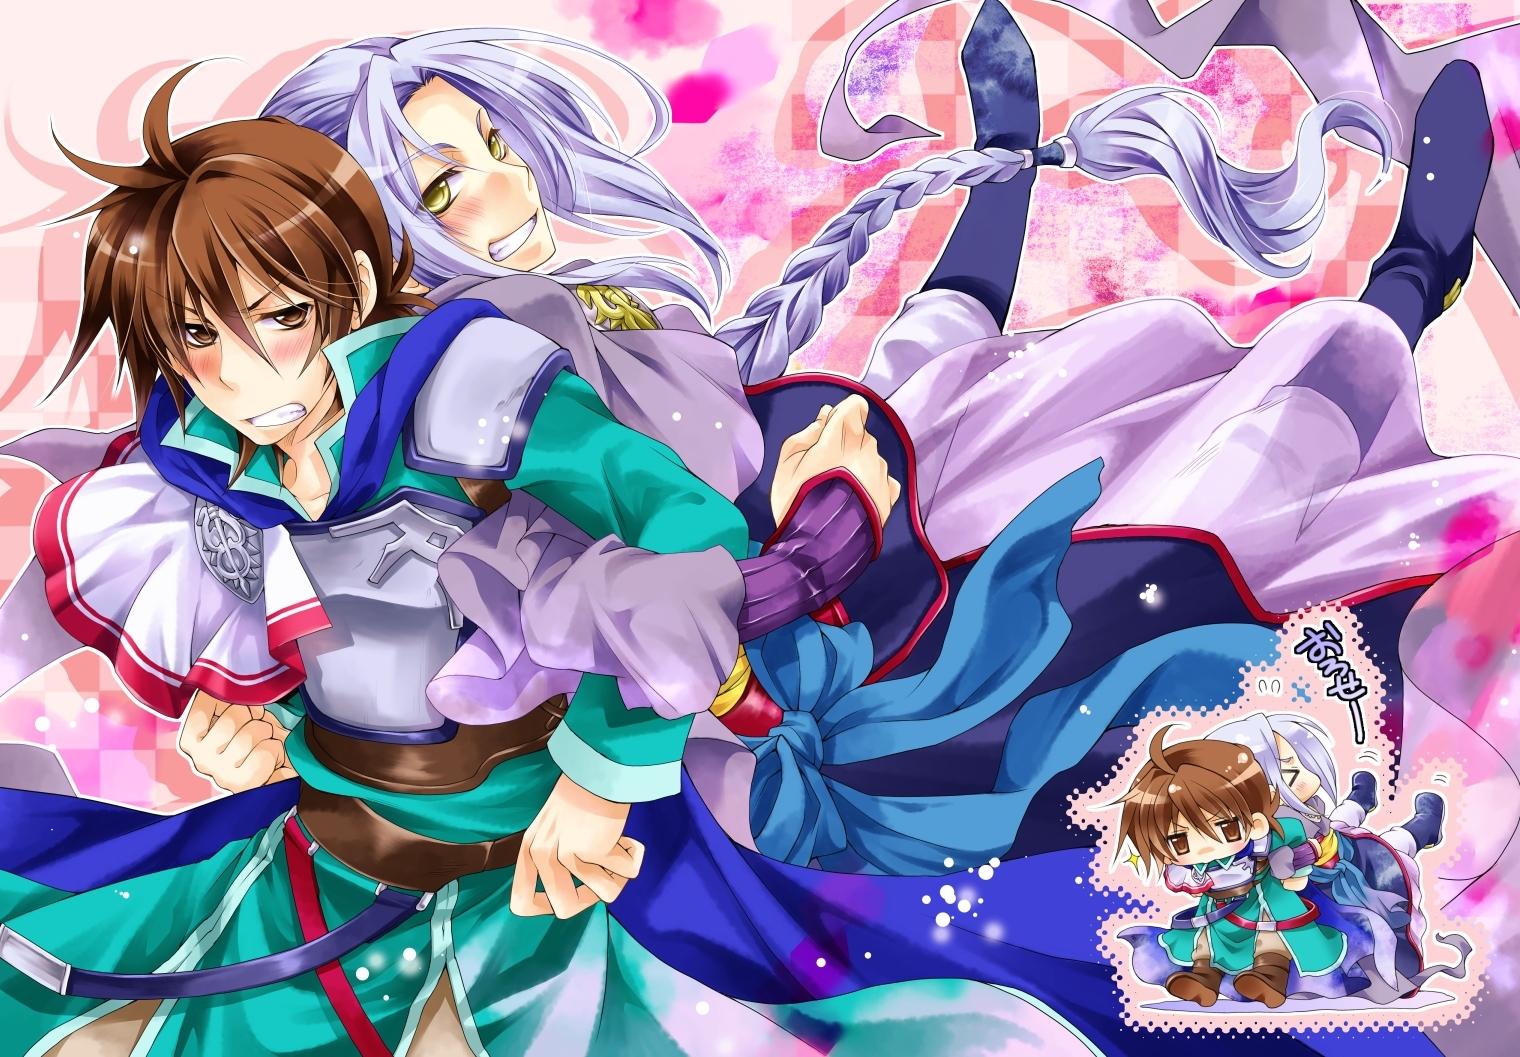 Densetsu No Yuusha No Densetsu High Quality Background on Wallpapers Vista